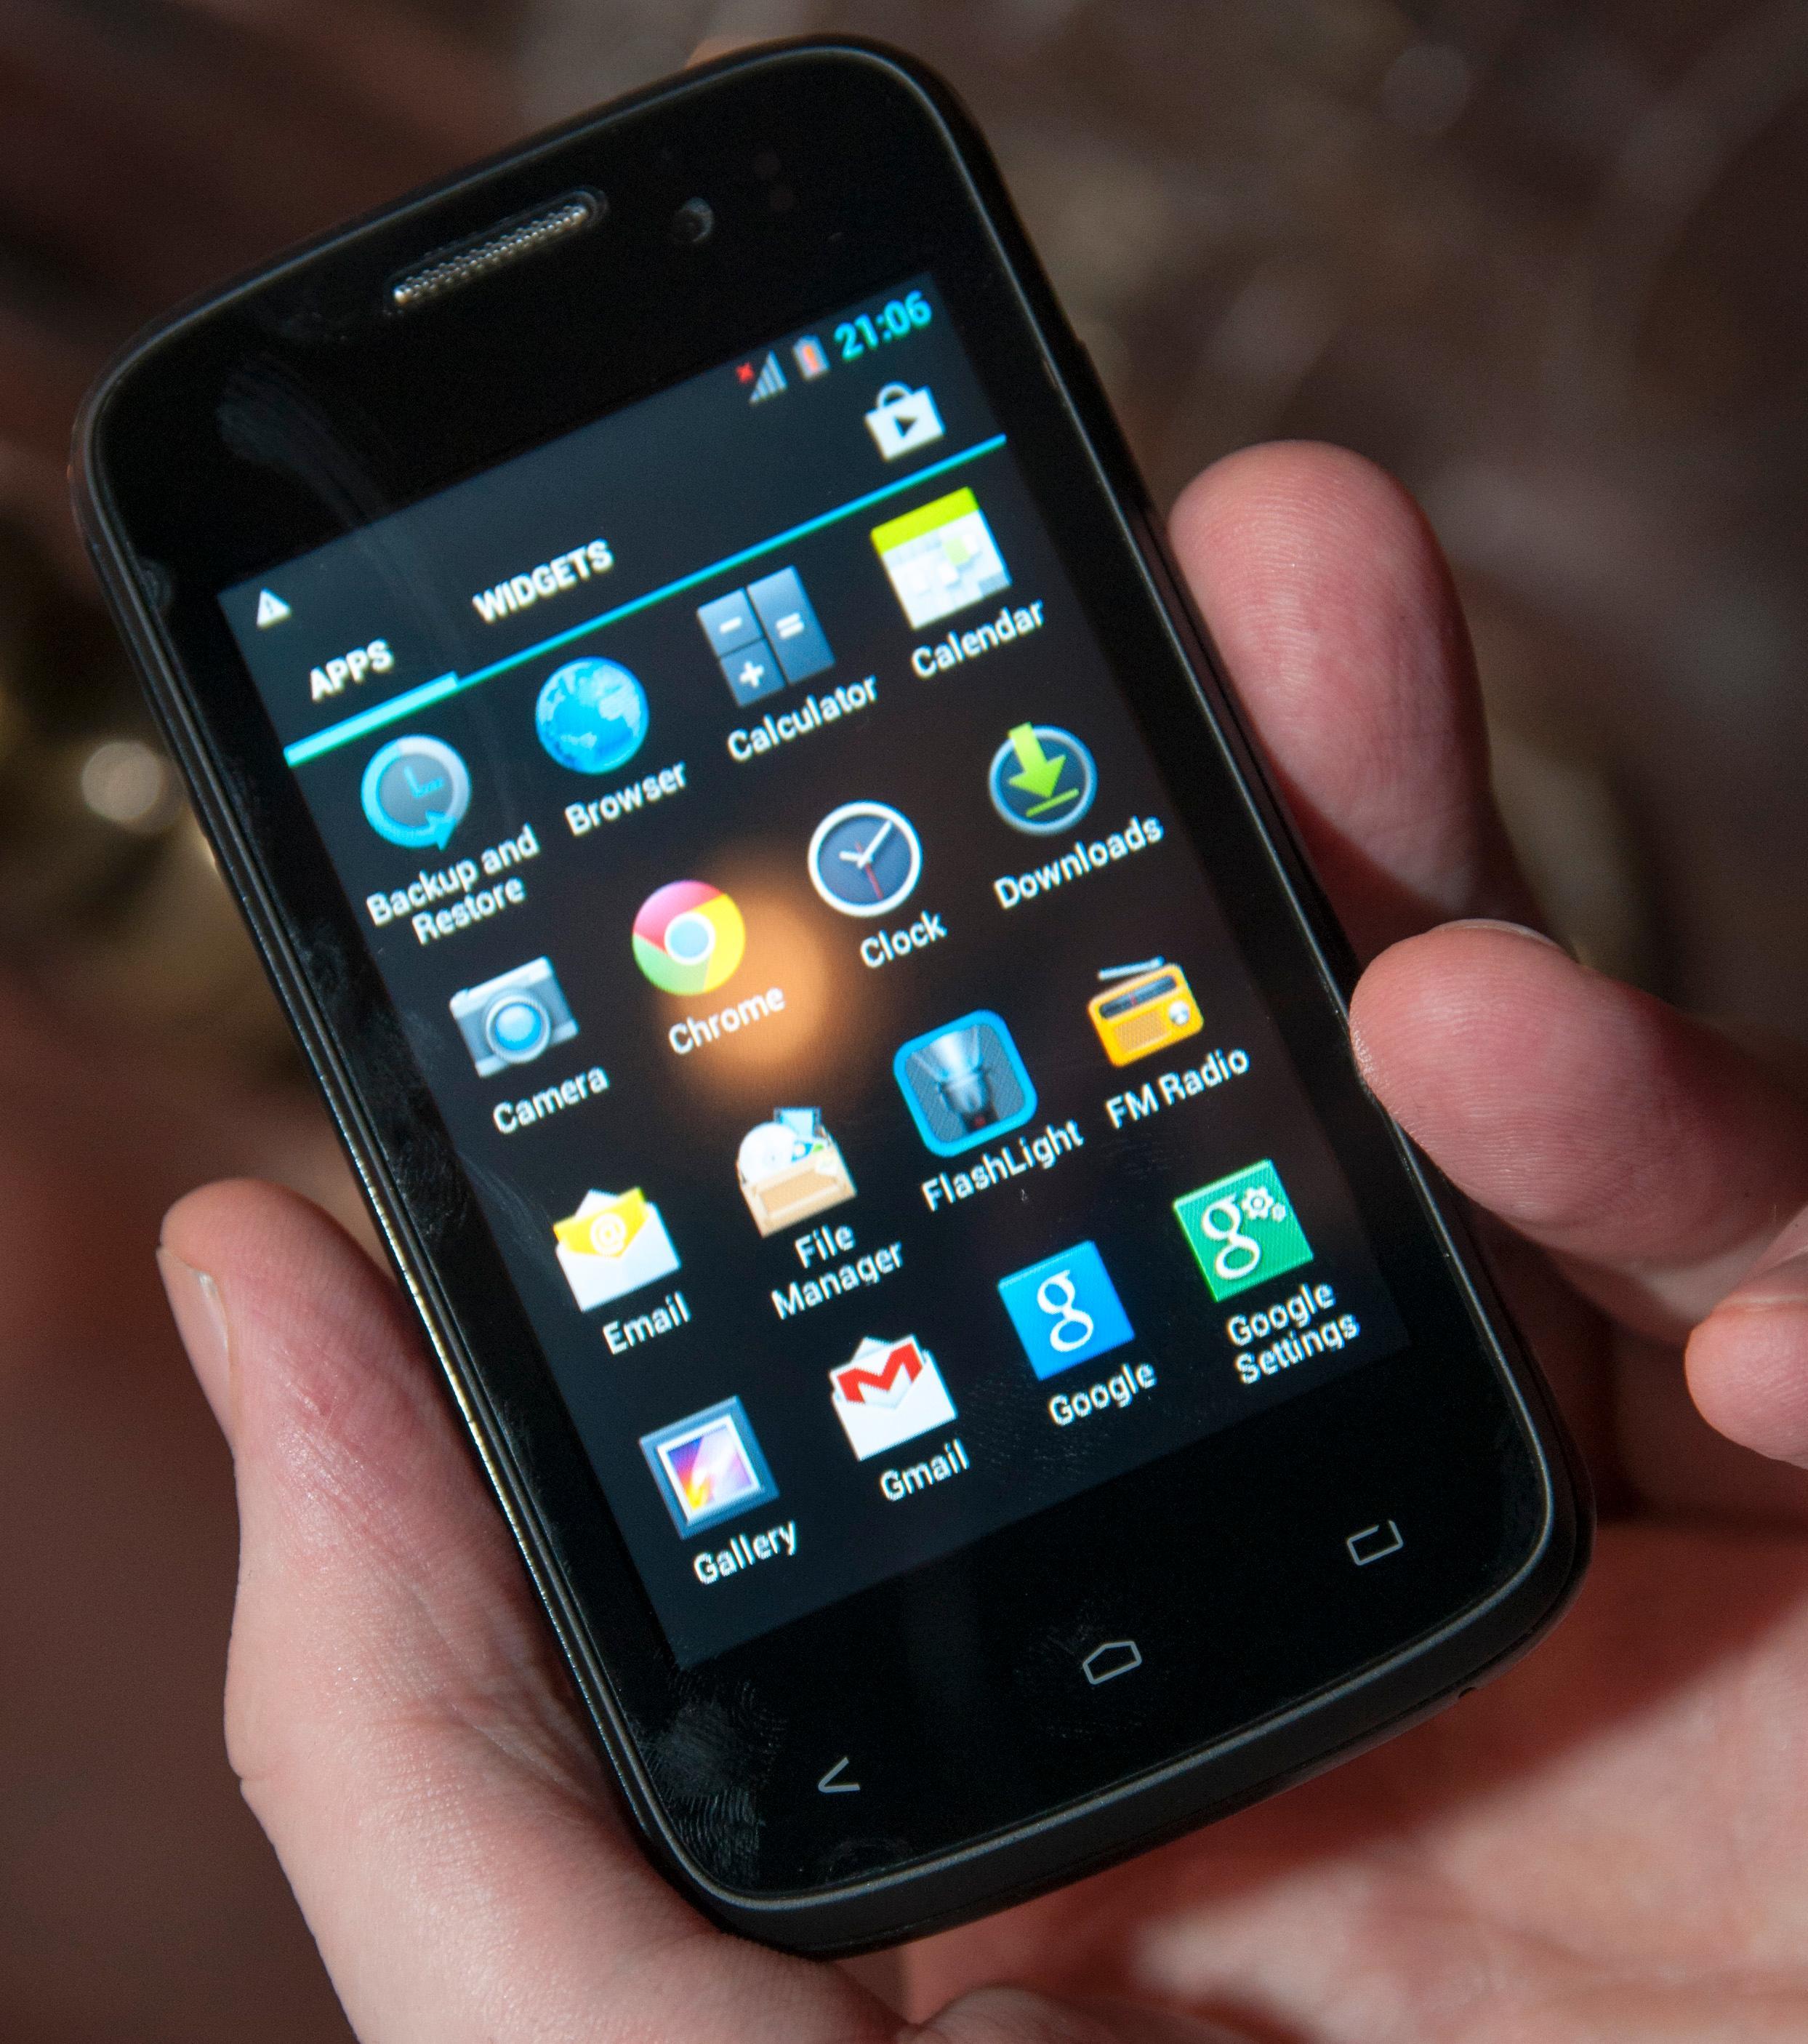 Kazam Trooper X3.5 er minstemann ut av de nye telefonene. Med en oppløsning på bare 480 x 320 piksler, blasse farger, og dårlig innsynsvinkel, er den milevis fra noen toppmodell. Men, den kan bli svært prisgunstig.Foto: Finn Jarle Kvalheim, Amobil.no